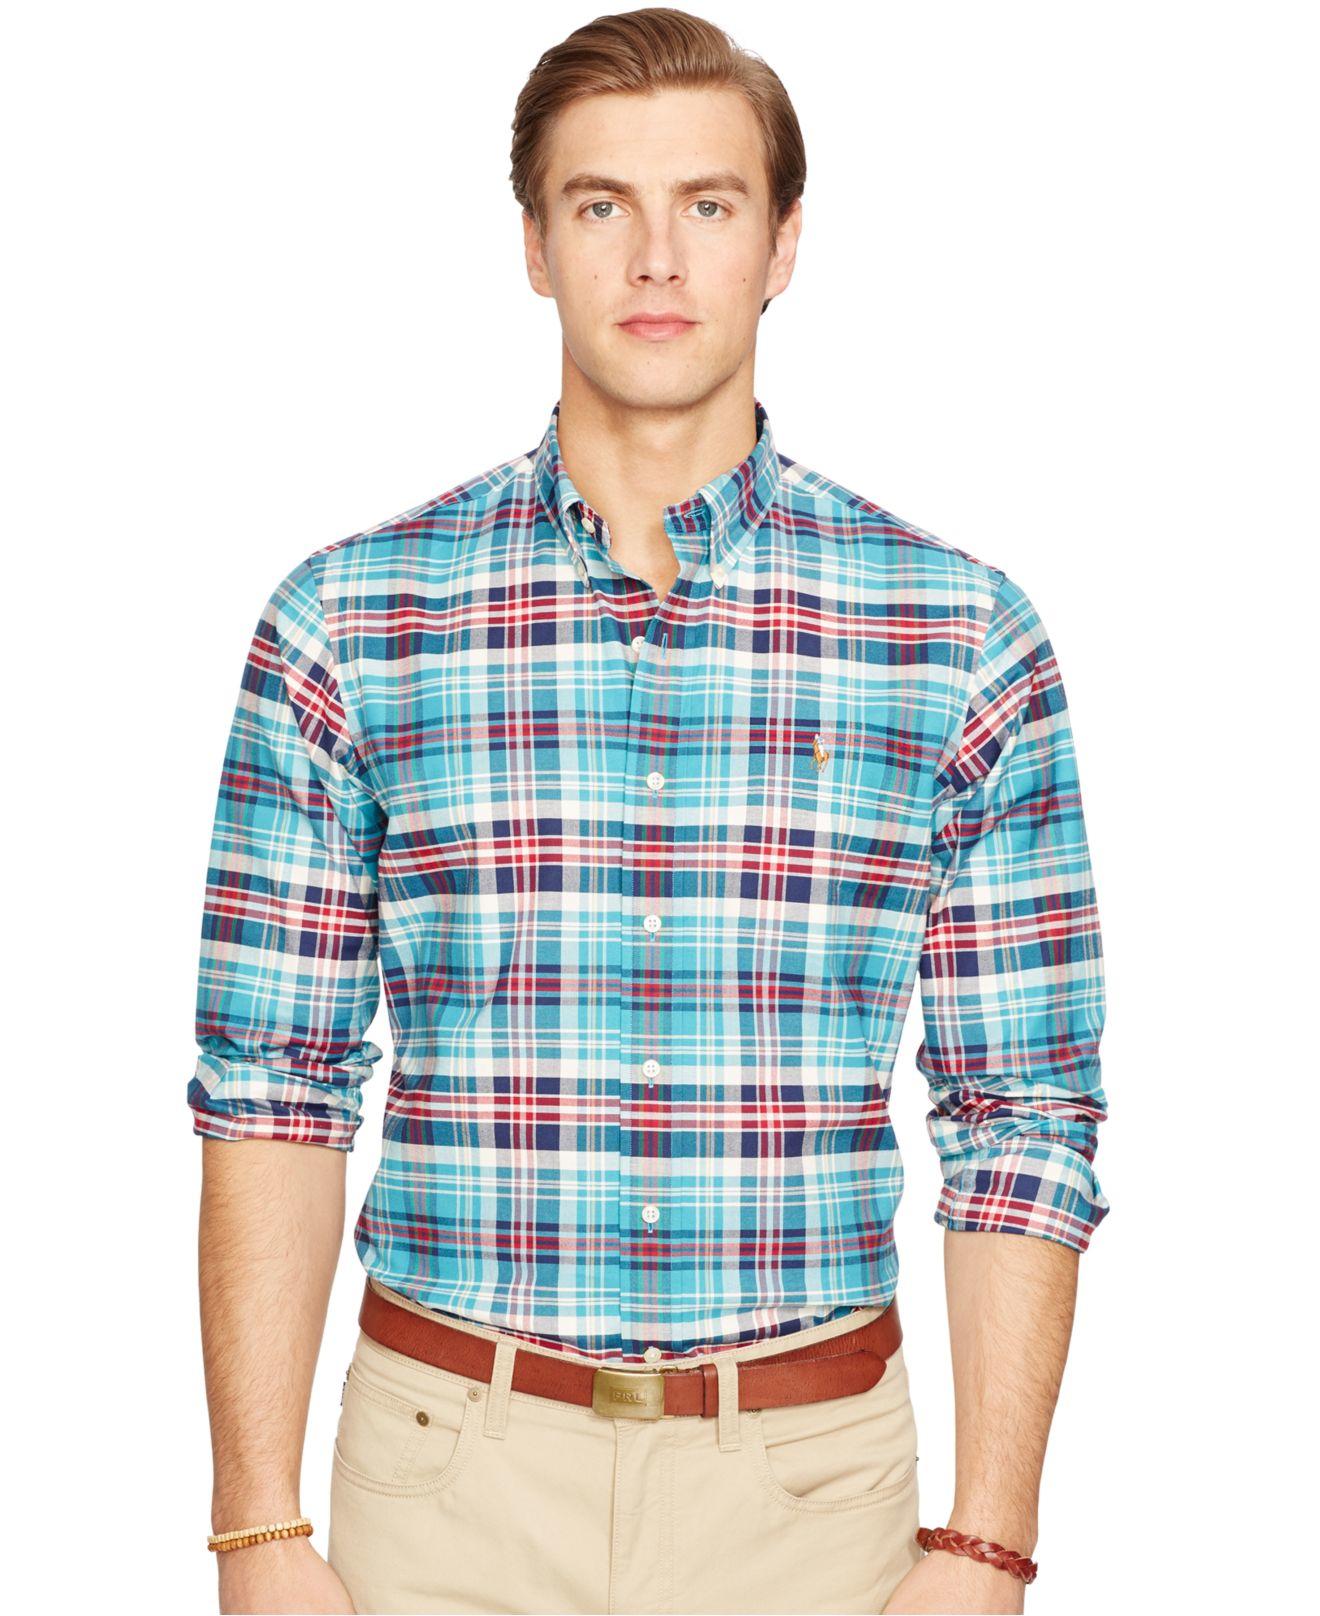 51ecd46b7 ... cheap lyst polo ralph lauren slim fit plaid stretch oxford shirt in  blue 6436e b3347